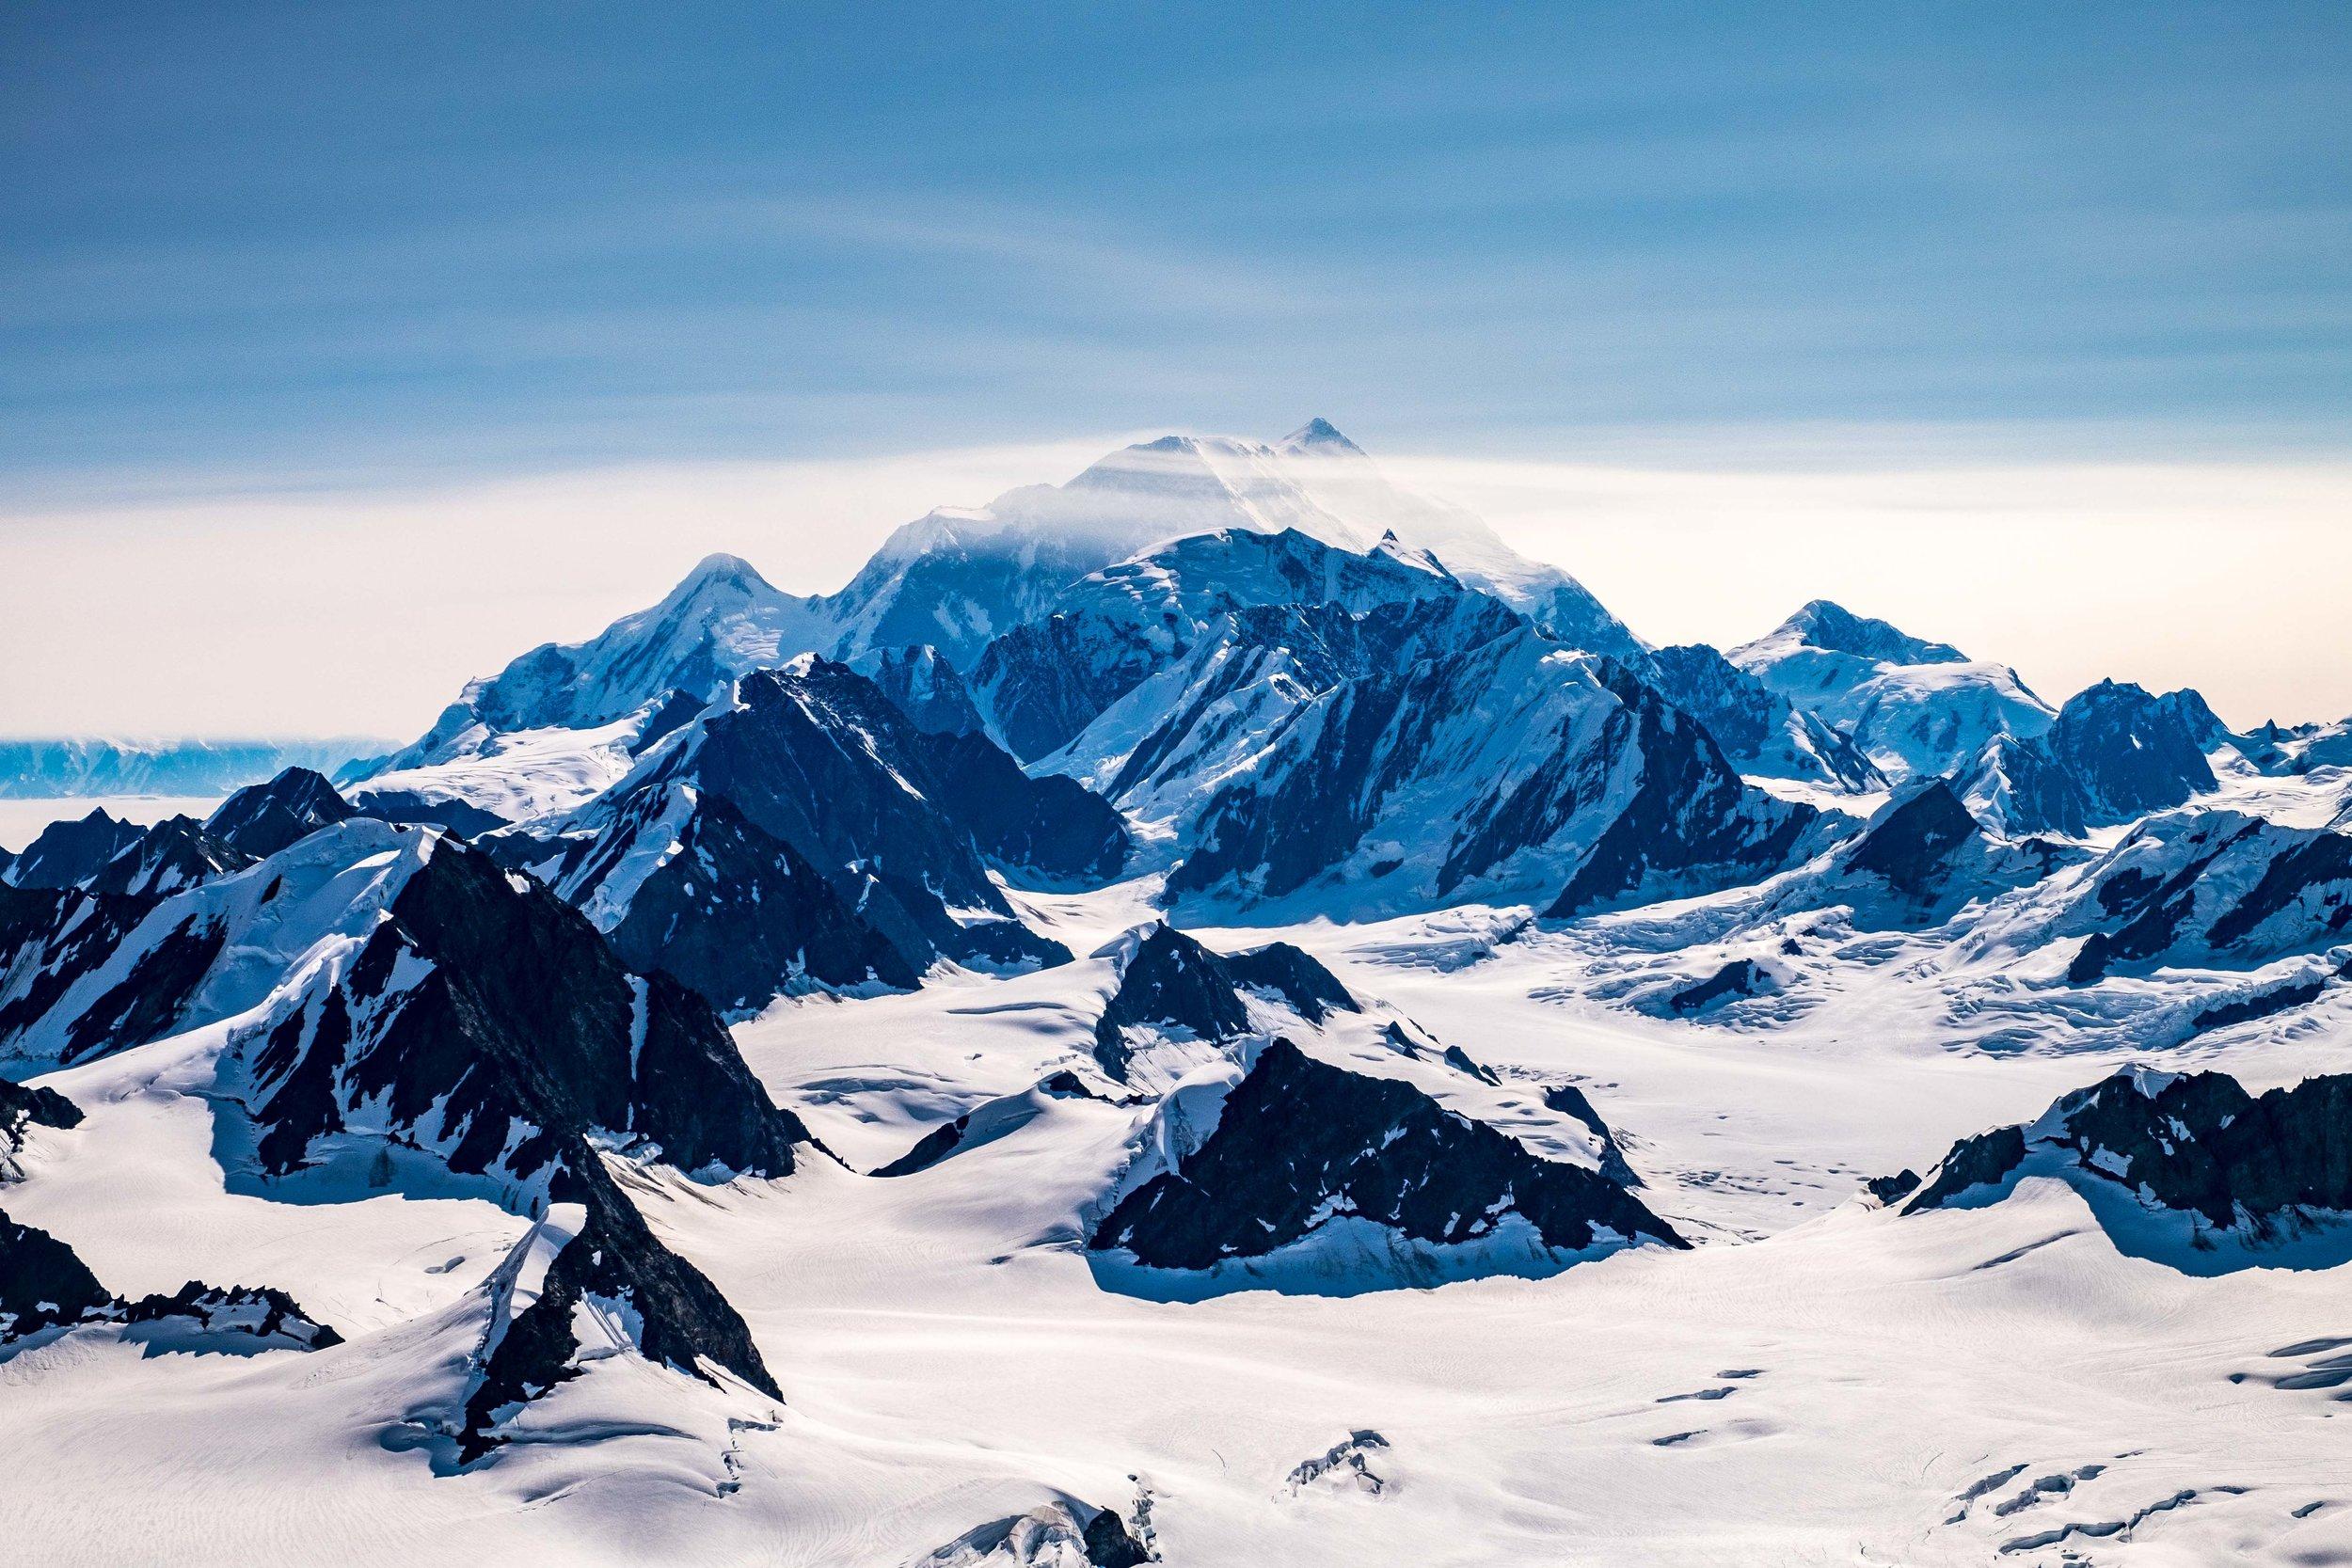 St Elias mountain...the namesake of the park.